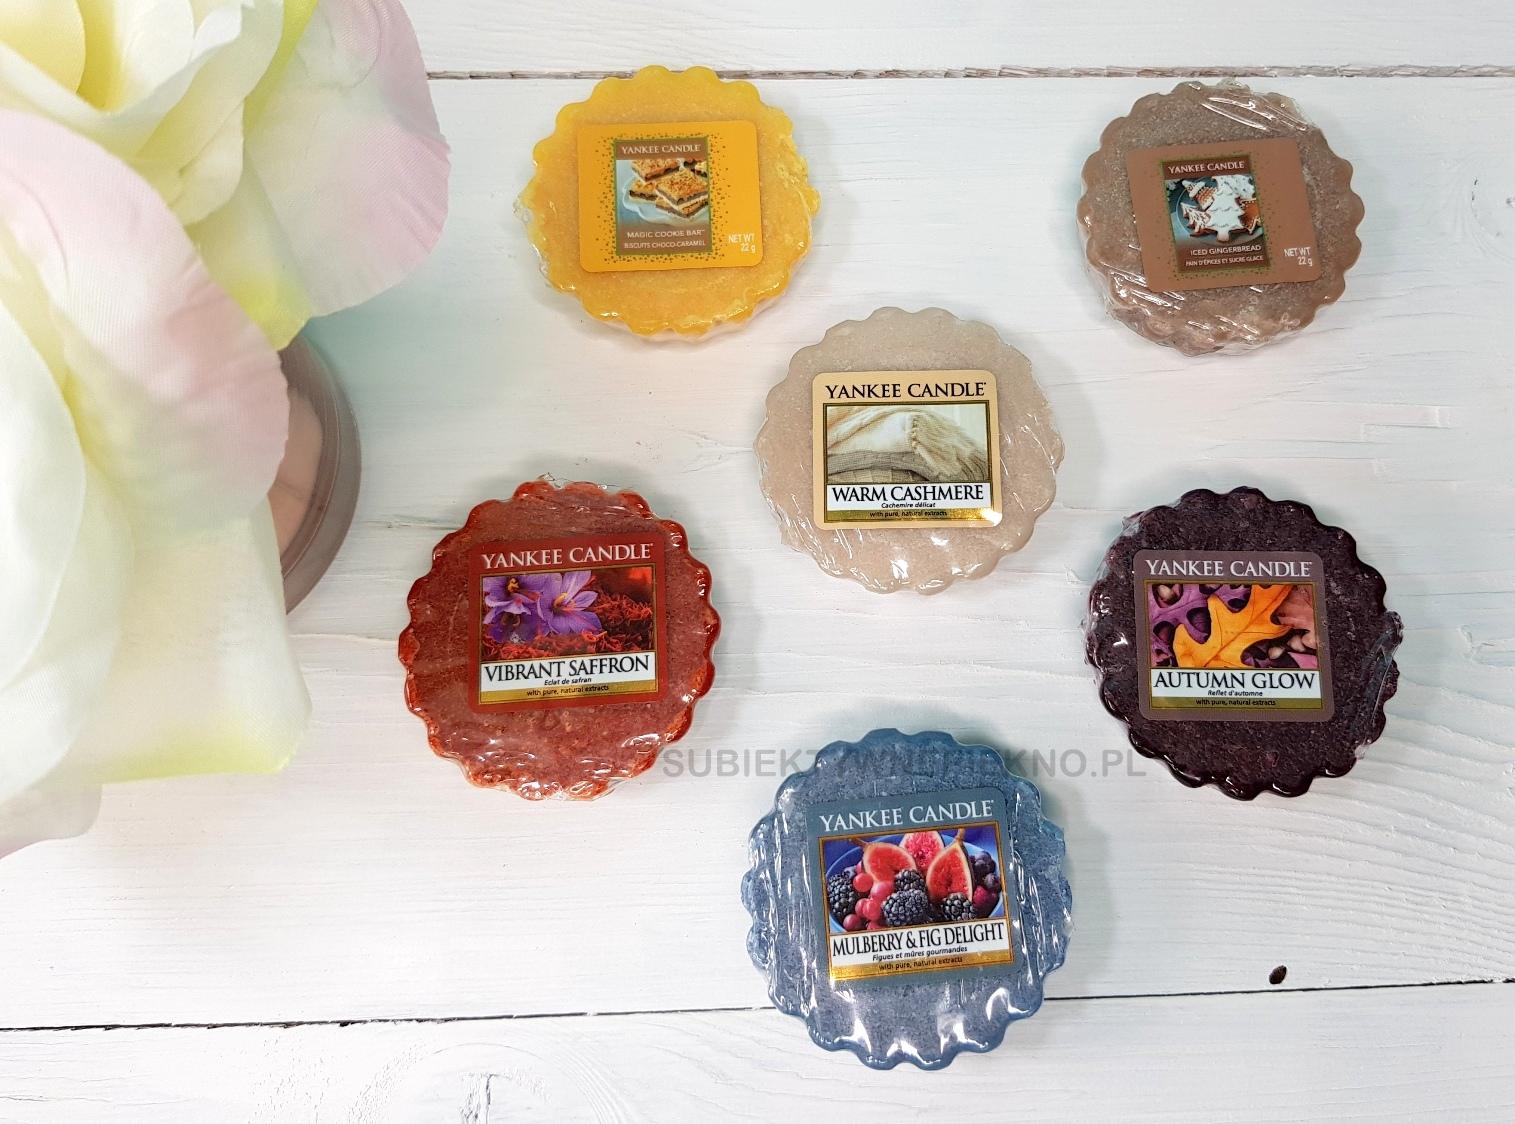 Mulberry & Fig Delight Yankee Candle kolekcja Q3 2017 + ciasteczkowe nowości